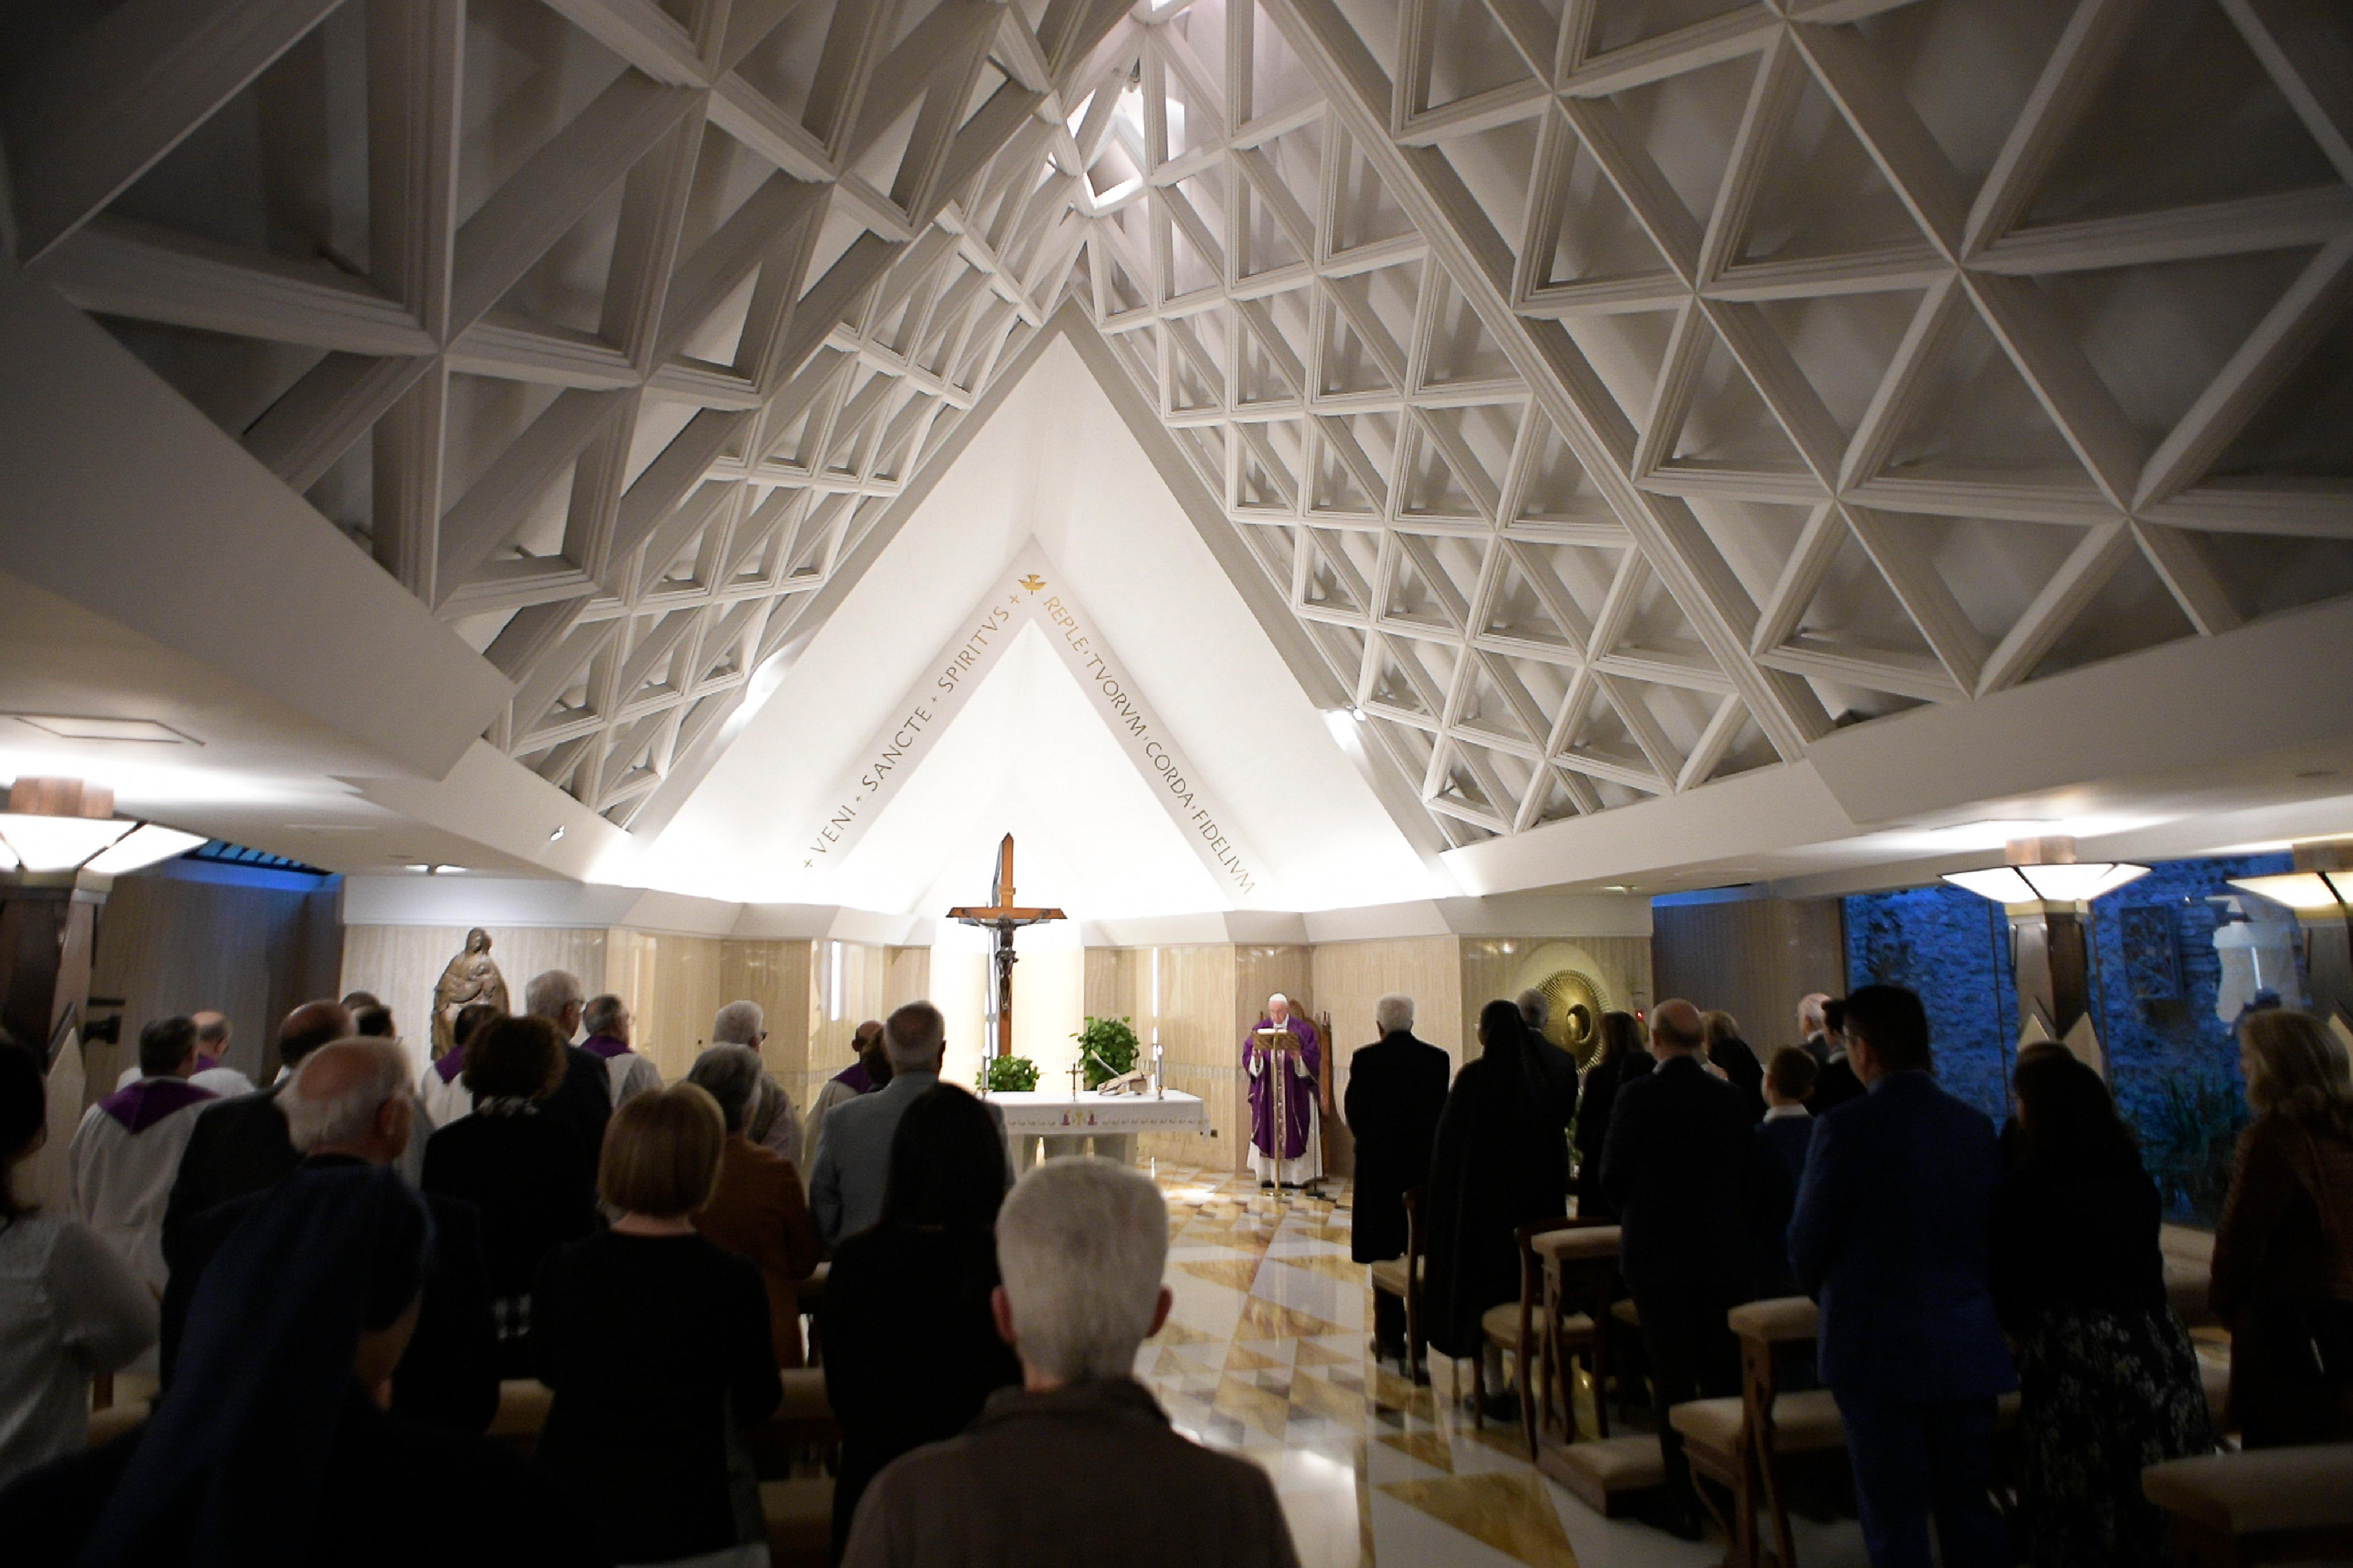 Misa en Santa Marta, 4 abril 2019 © Vatican Media